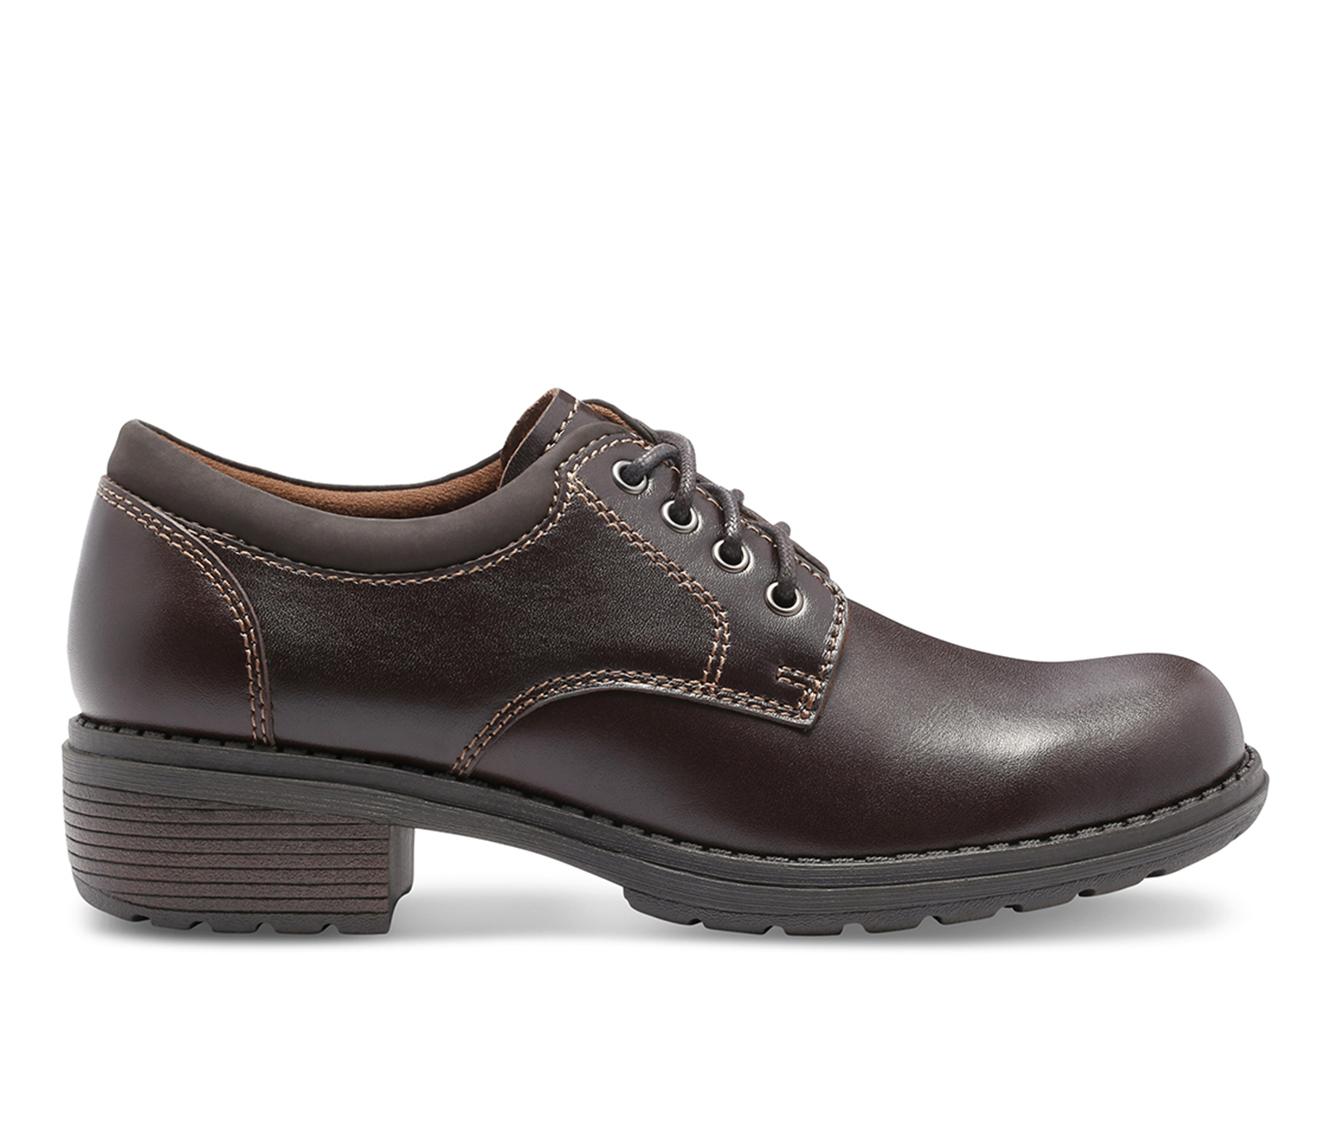 Eastland Stride Women's Shoe (Brown Leather)